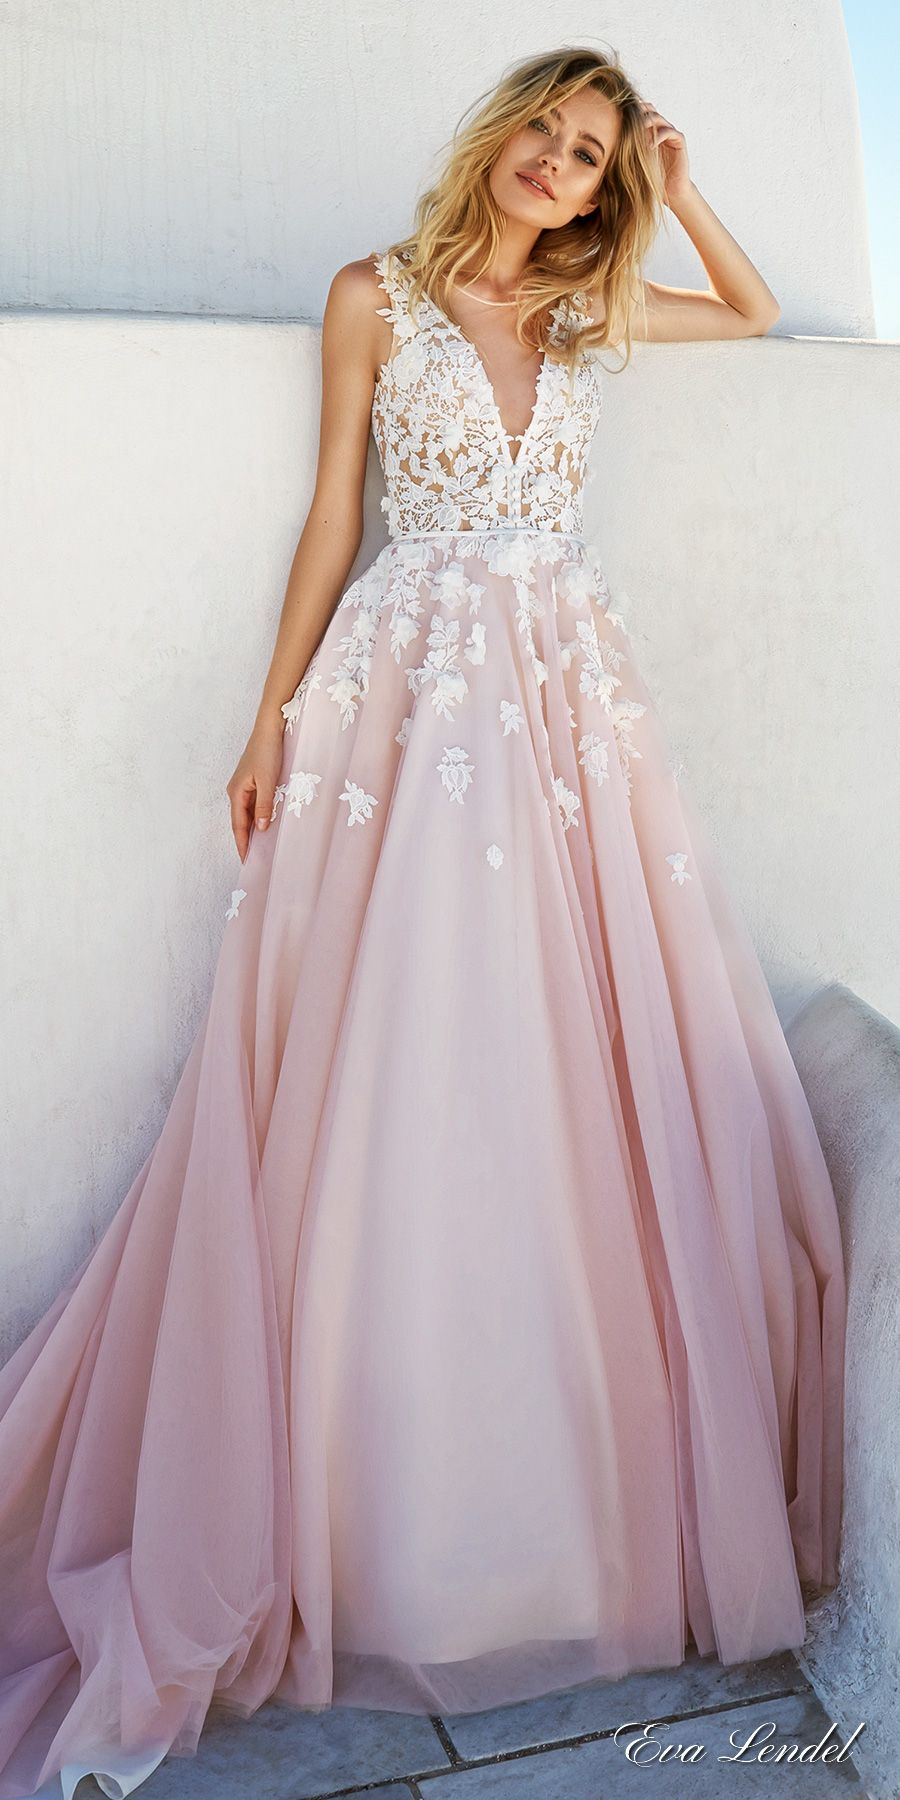 ̗̀ @mullenblr ̖́- | Mode | Pinterest | Kleider, Hochzeitskleider und ...